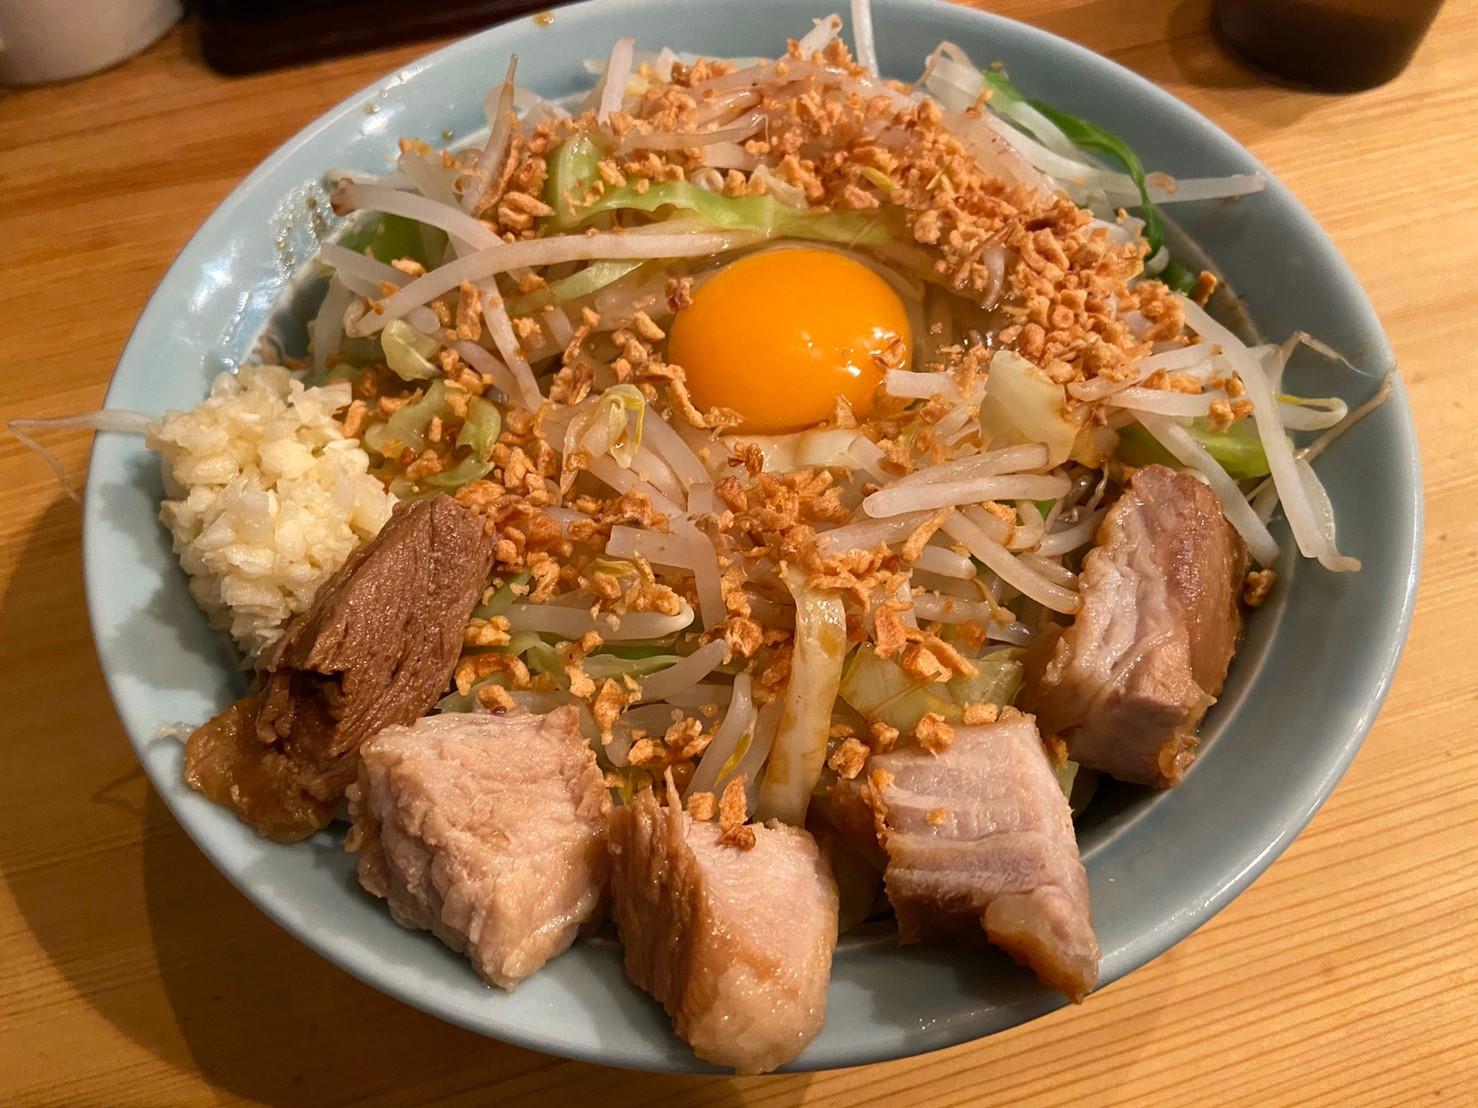 【茅ヶ崎】菜良(さら)であえそばを食らう!二郎系のインスパイヤラーメン屋さん。